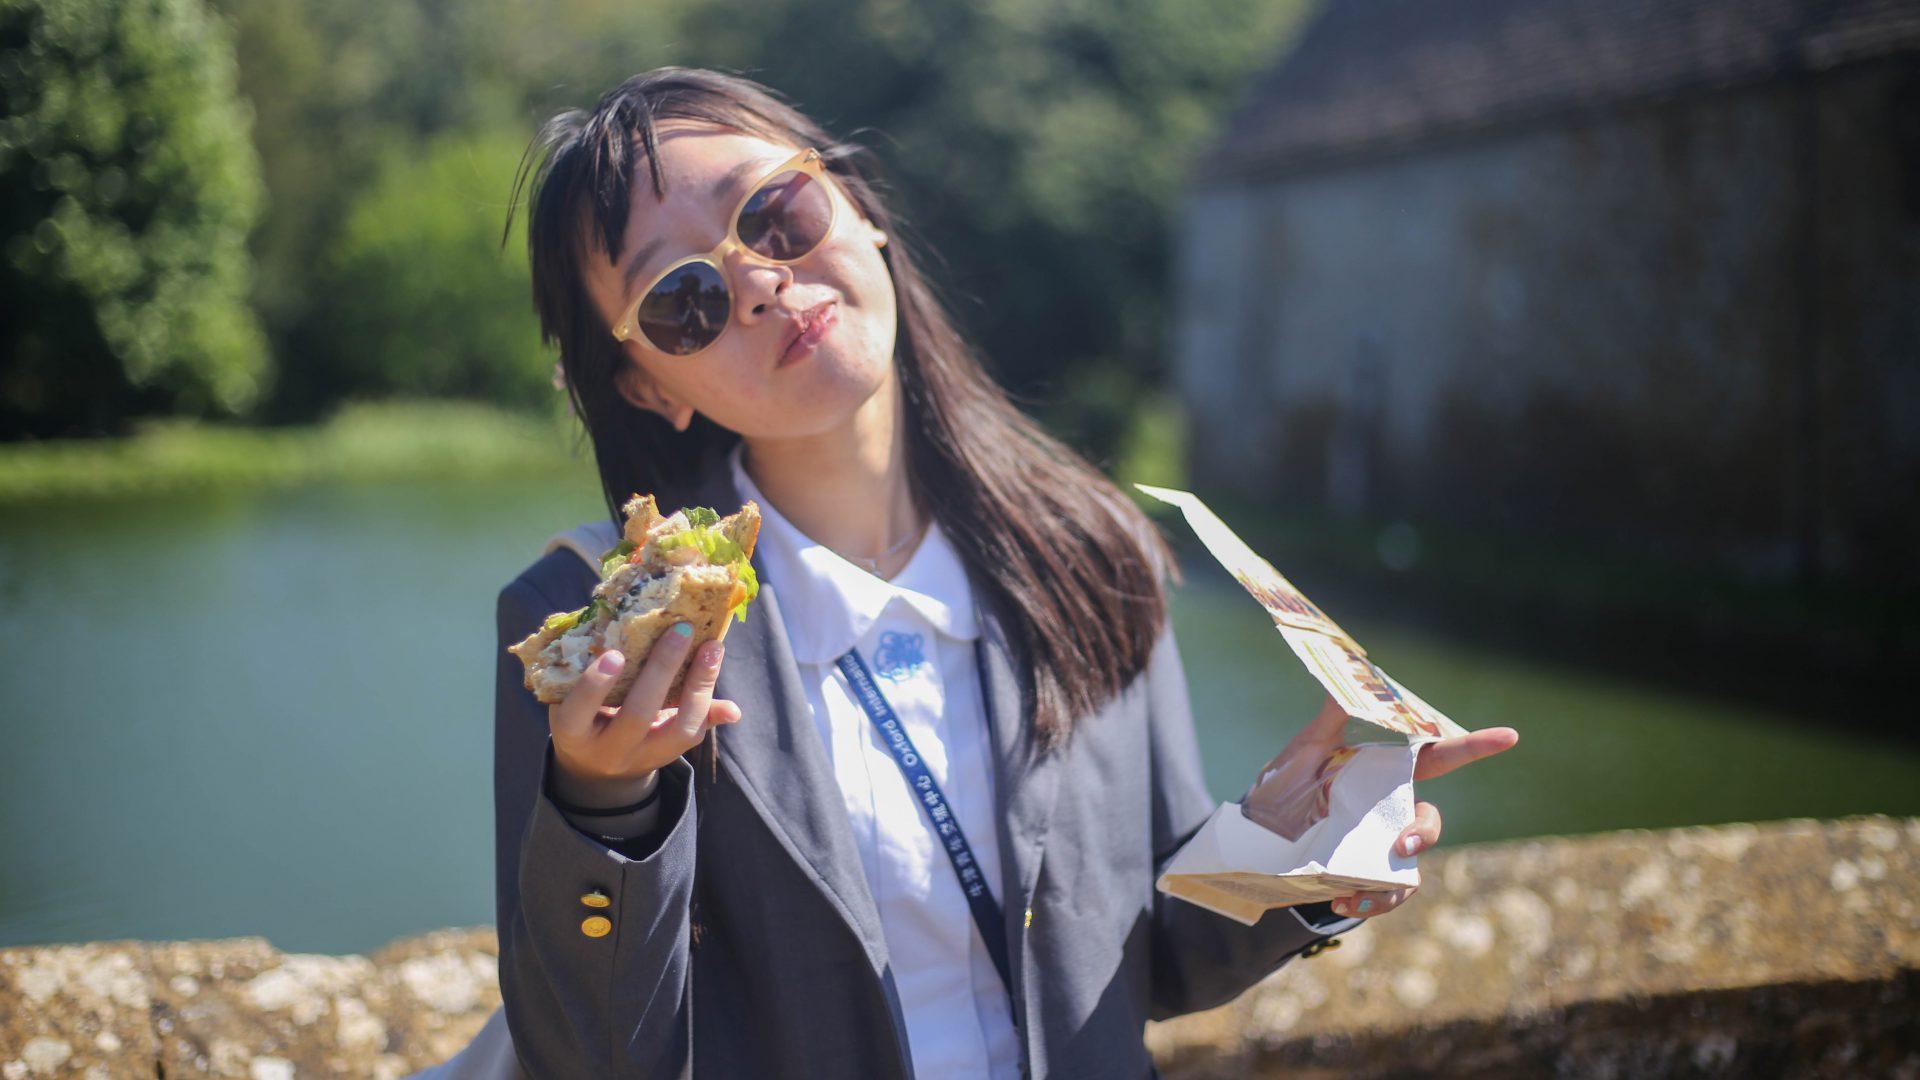 ragazza mangia panino